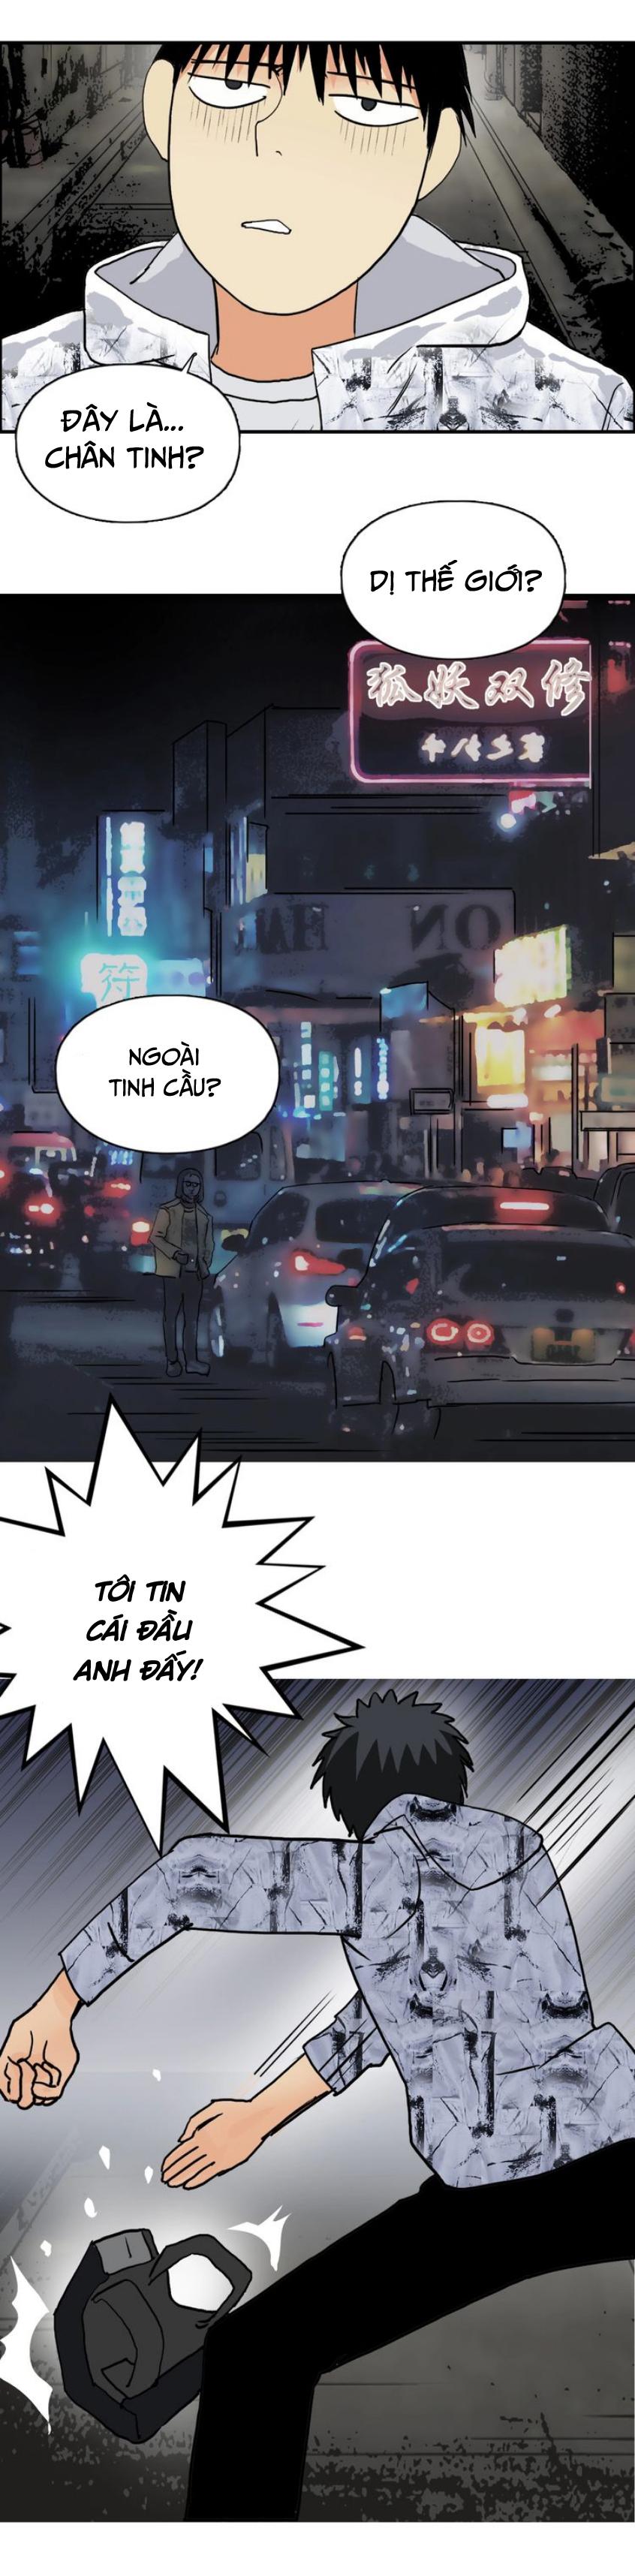 Siêu Năng Lập Phương Chapter 115 video - Hamtruyen.vn